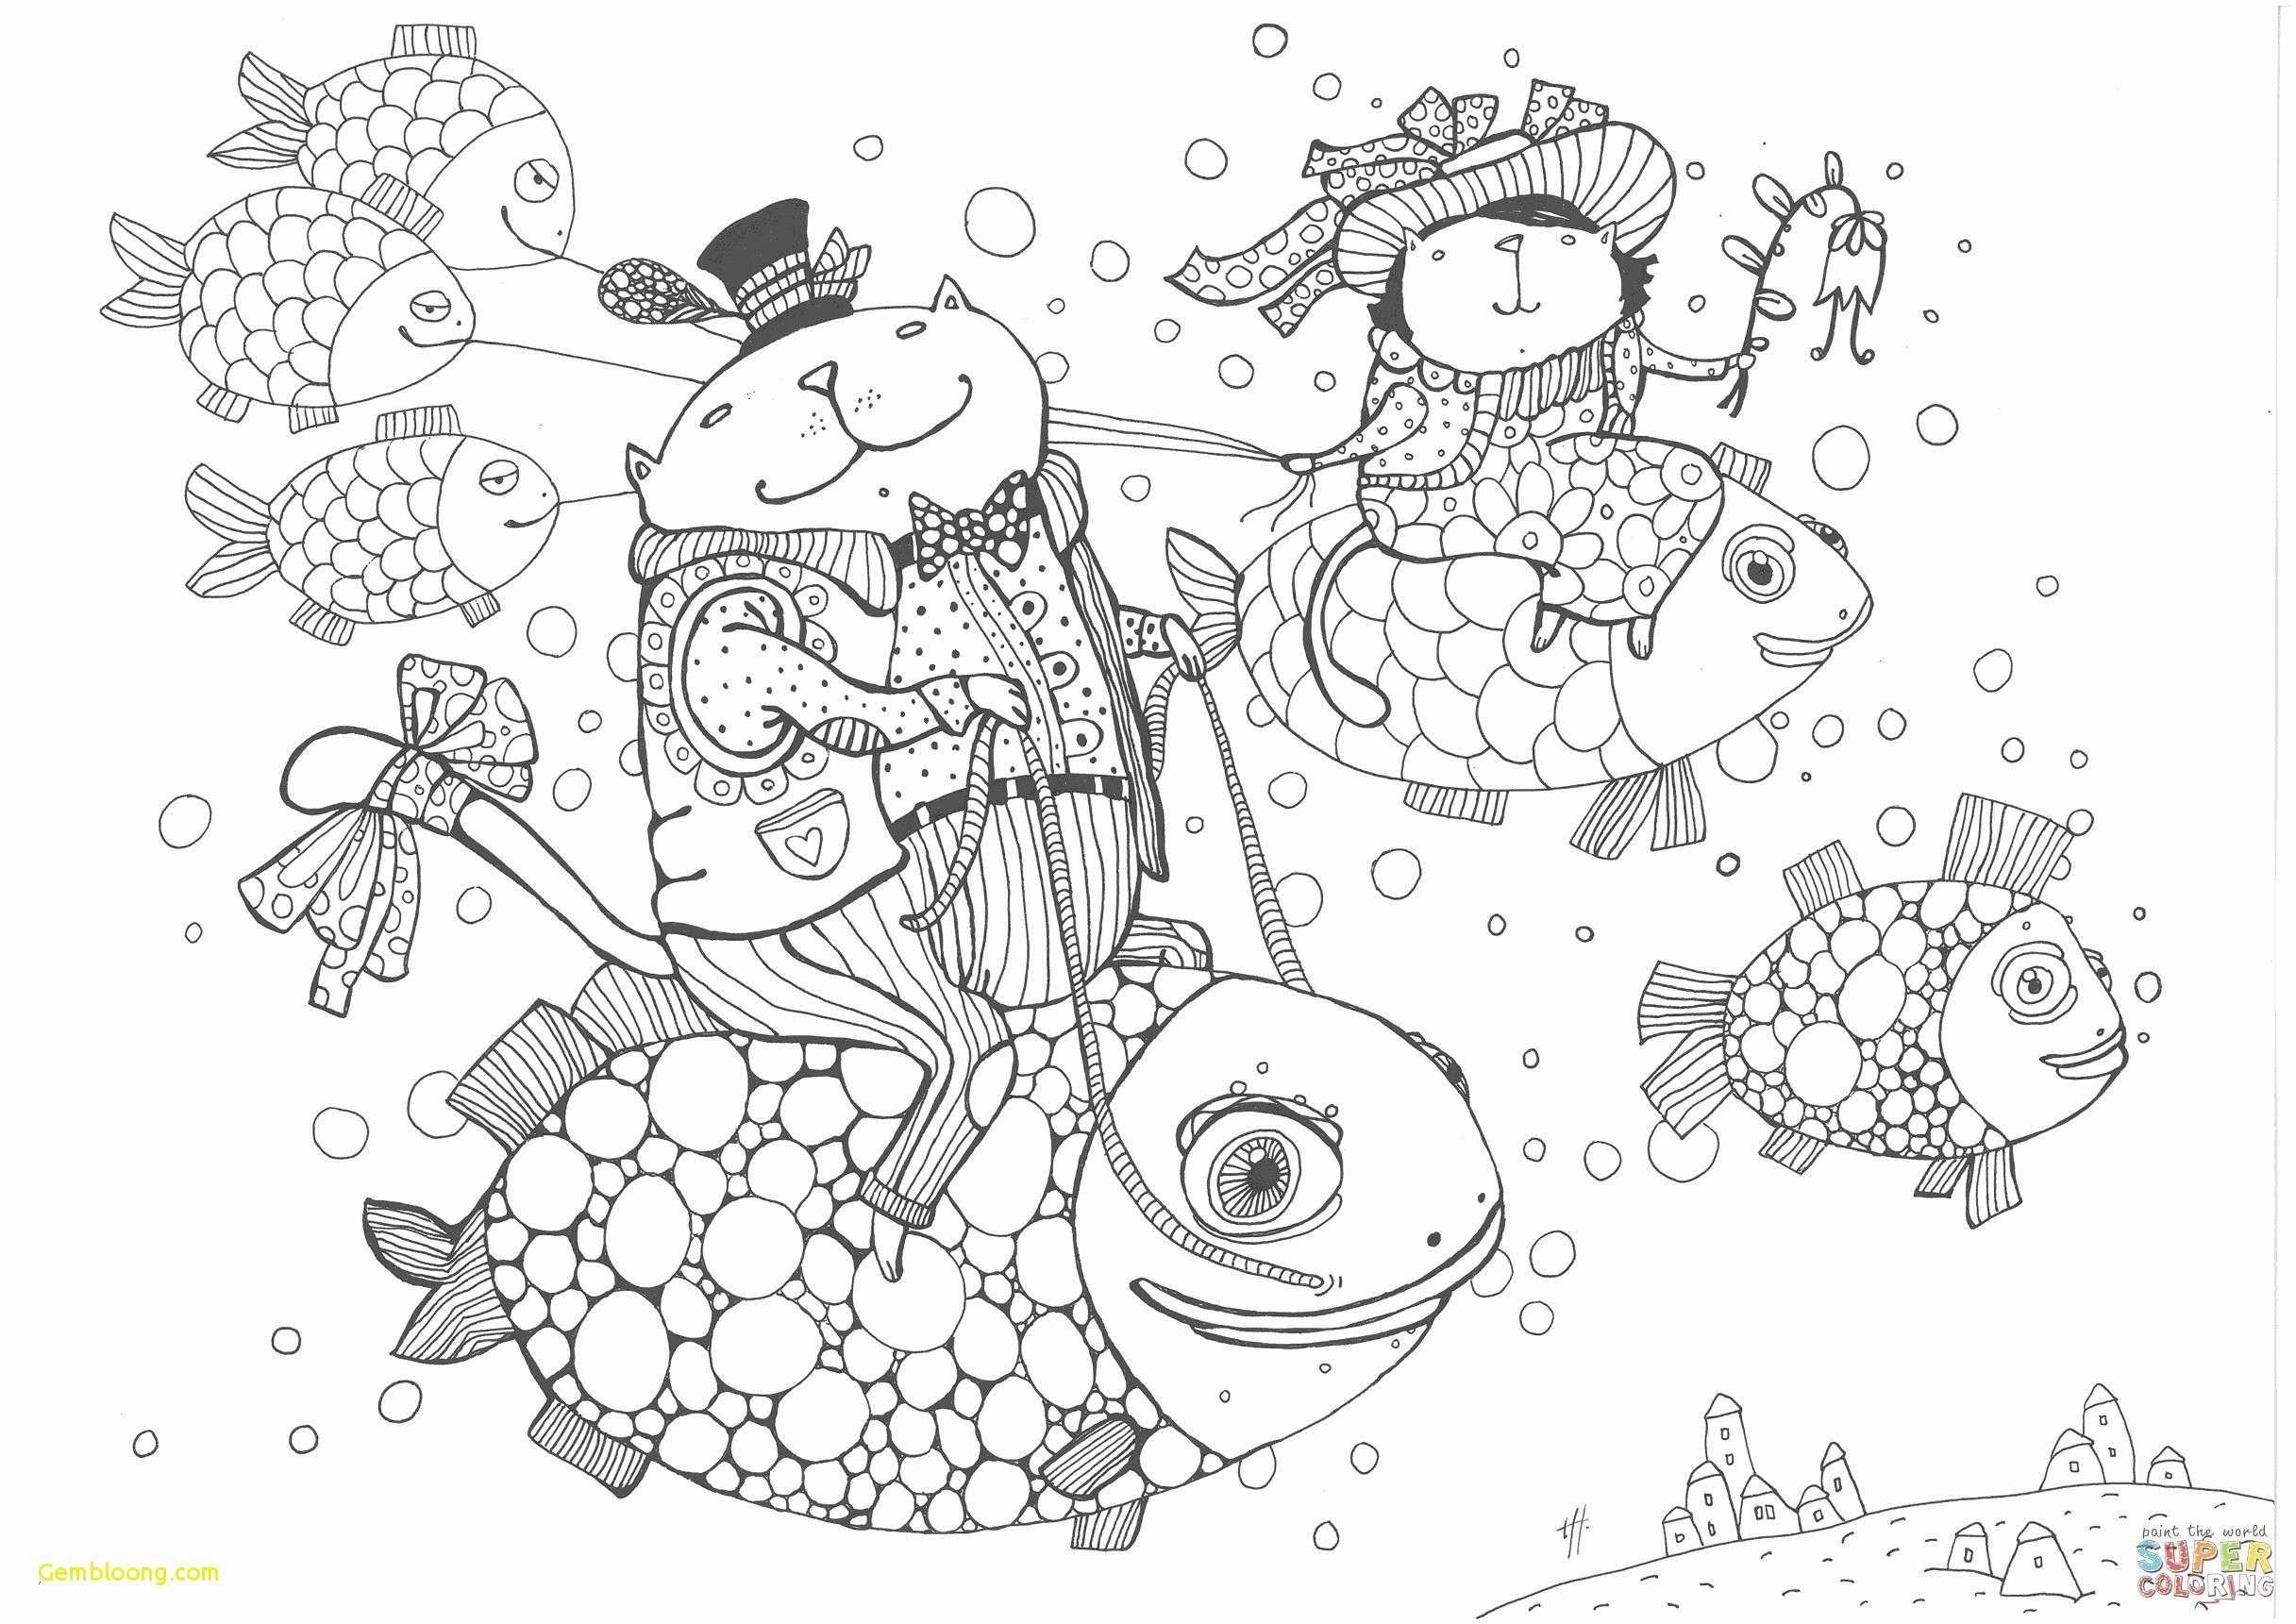 Traktor Zeichnungen Zum Ausmalen Inspirierend 32 Elsa Ausmalbilder Zum Ausdrucken Scoredatscore Elegant Halloween Sammlung